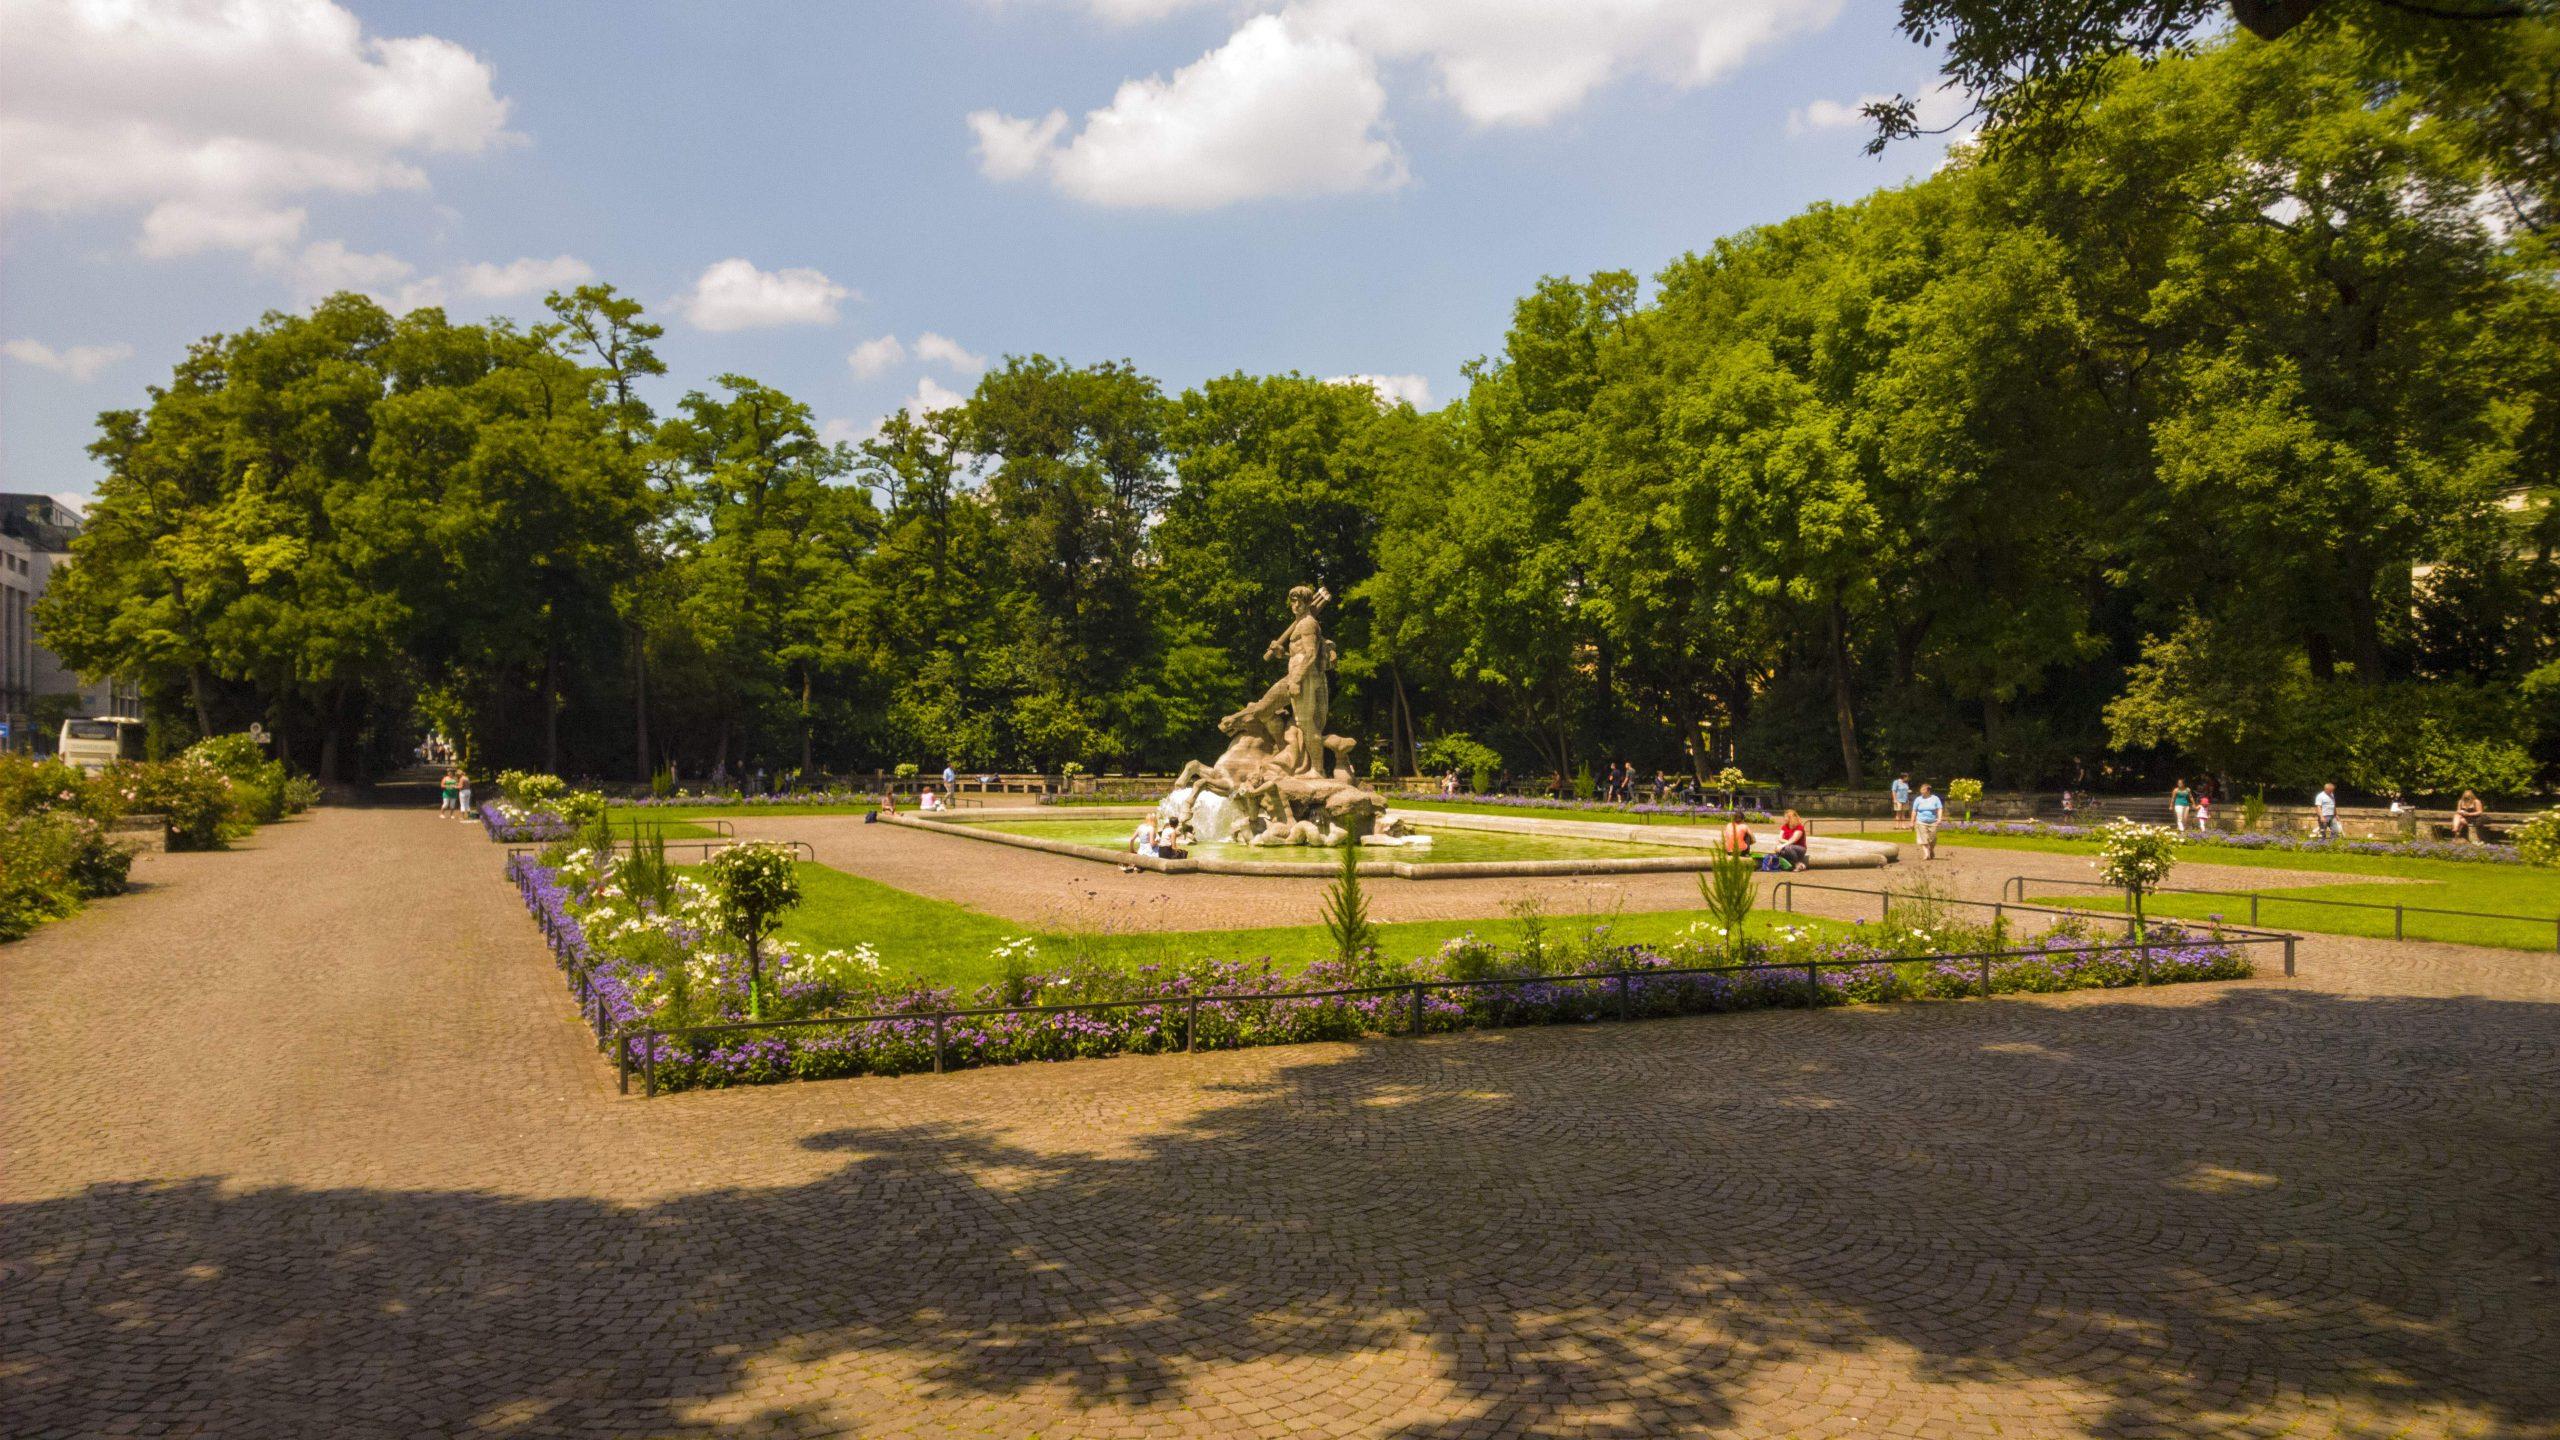 Botanischer Garten München Luxus Alter Botanischer Garten München –